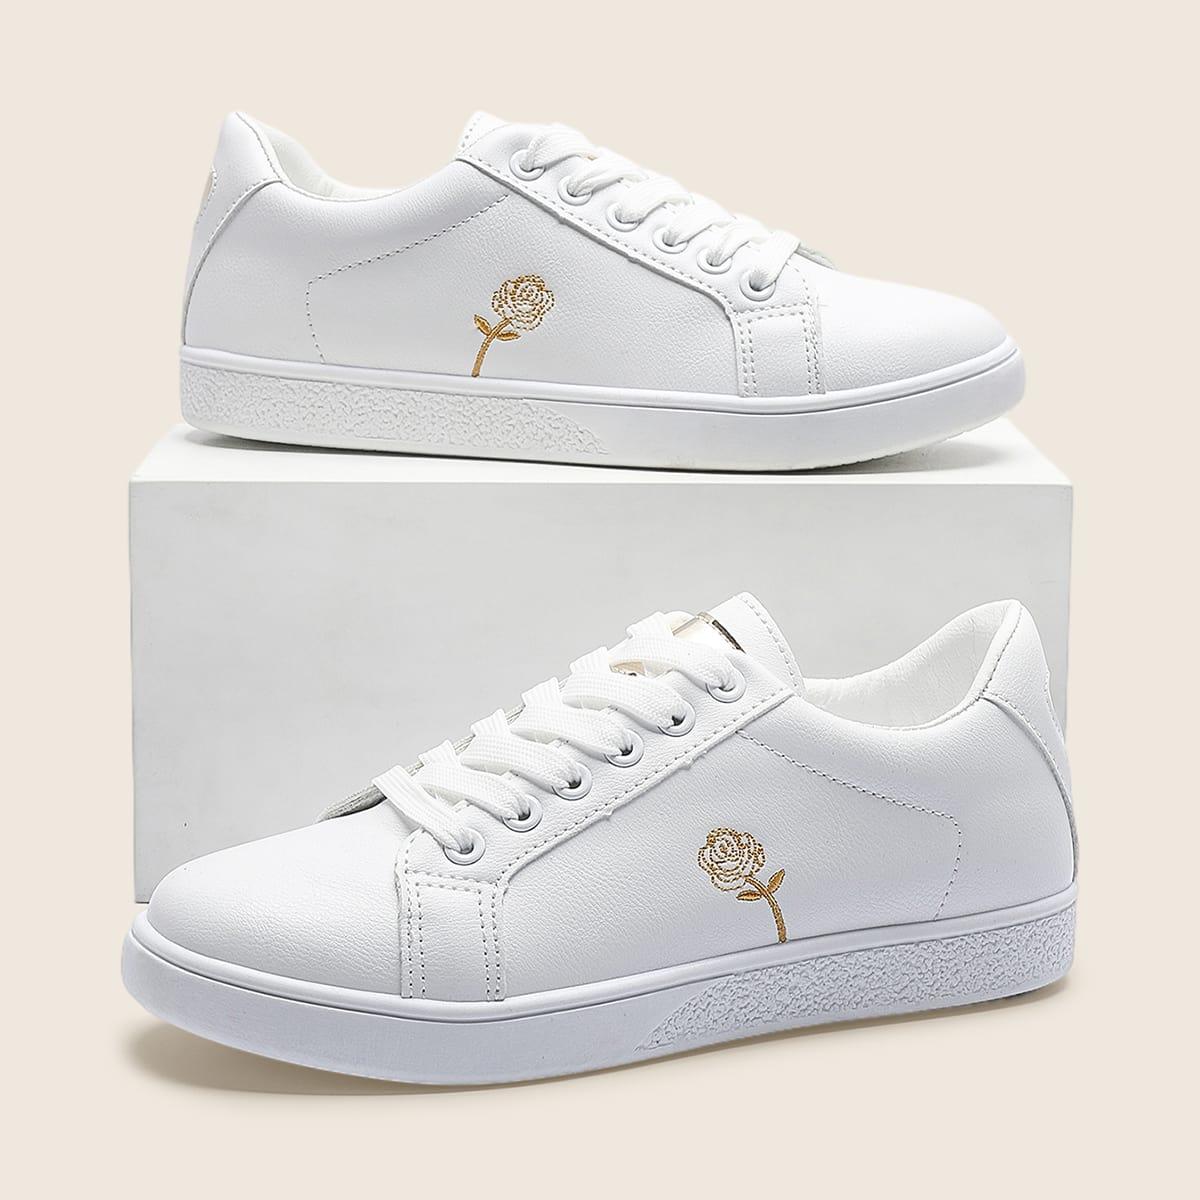 Обувь для скейтбординга с цветочной вышивкой на шнурках